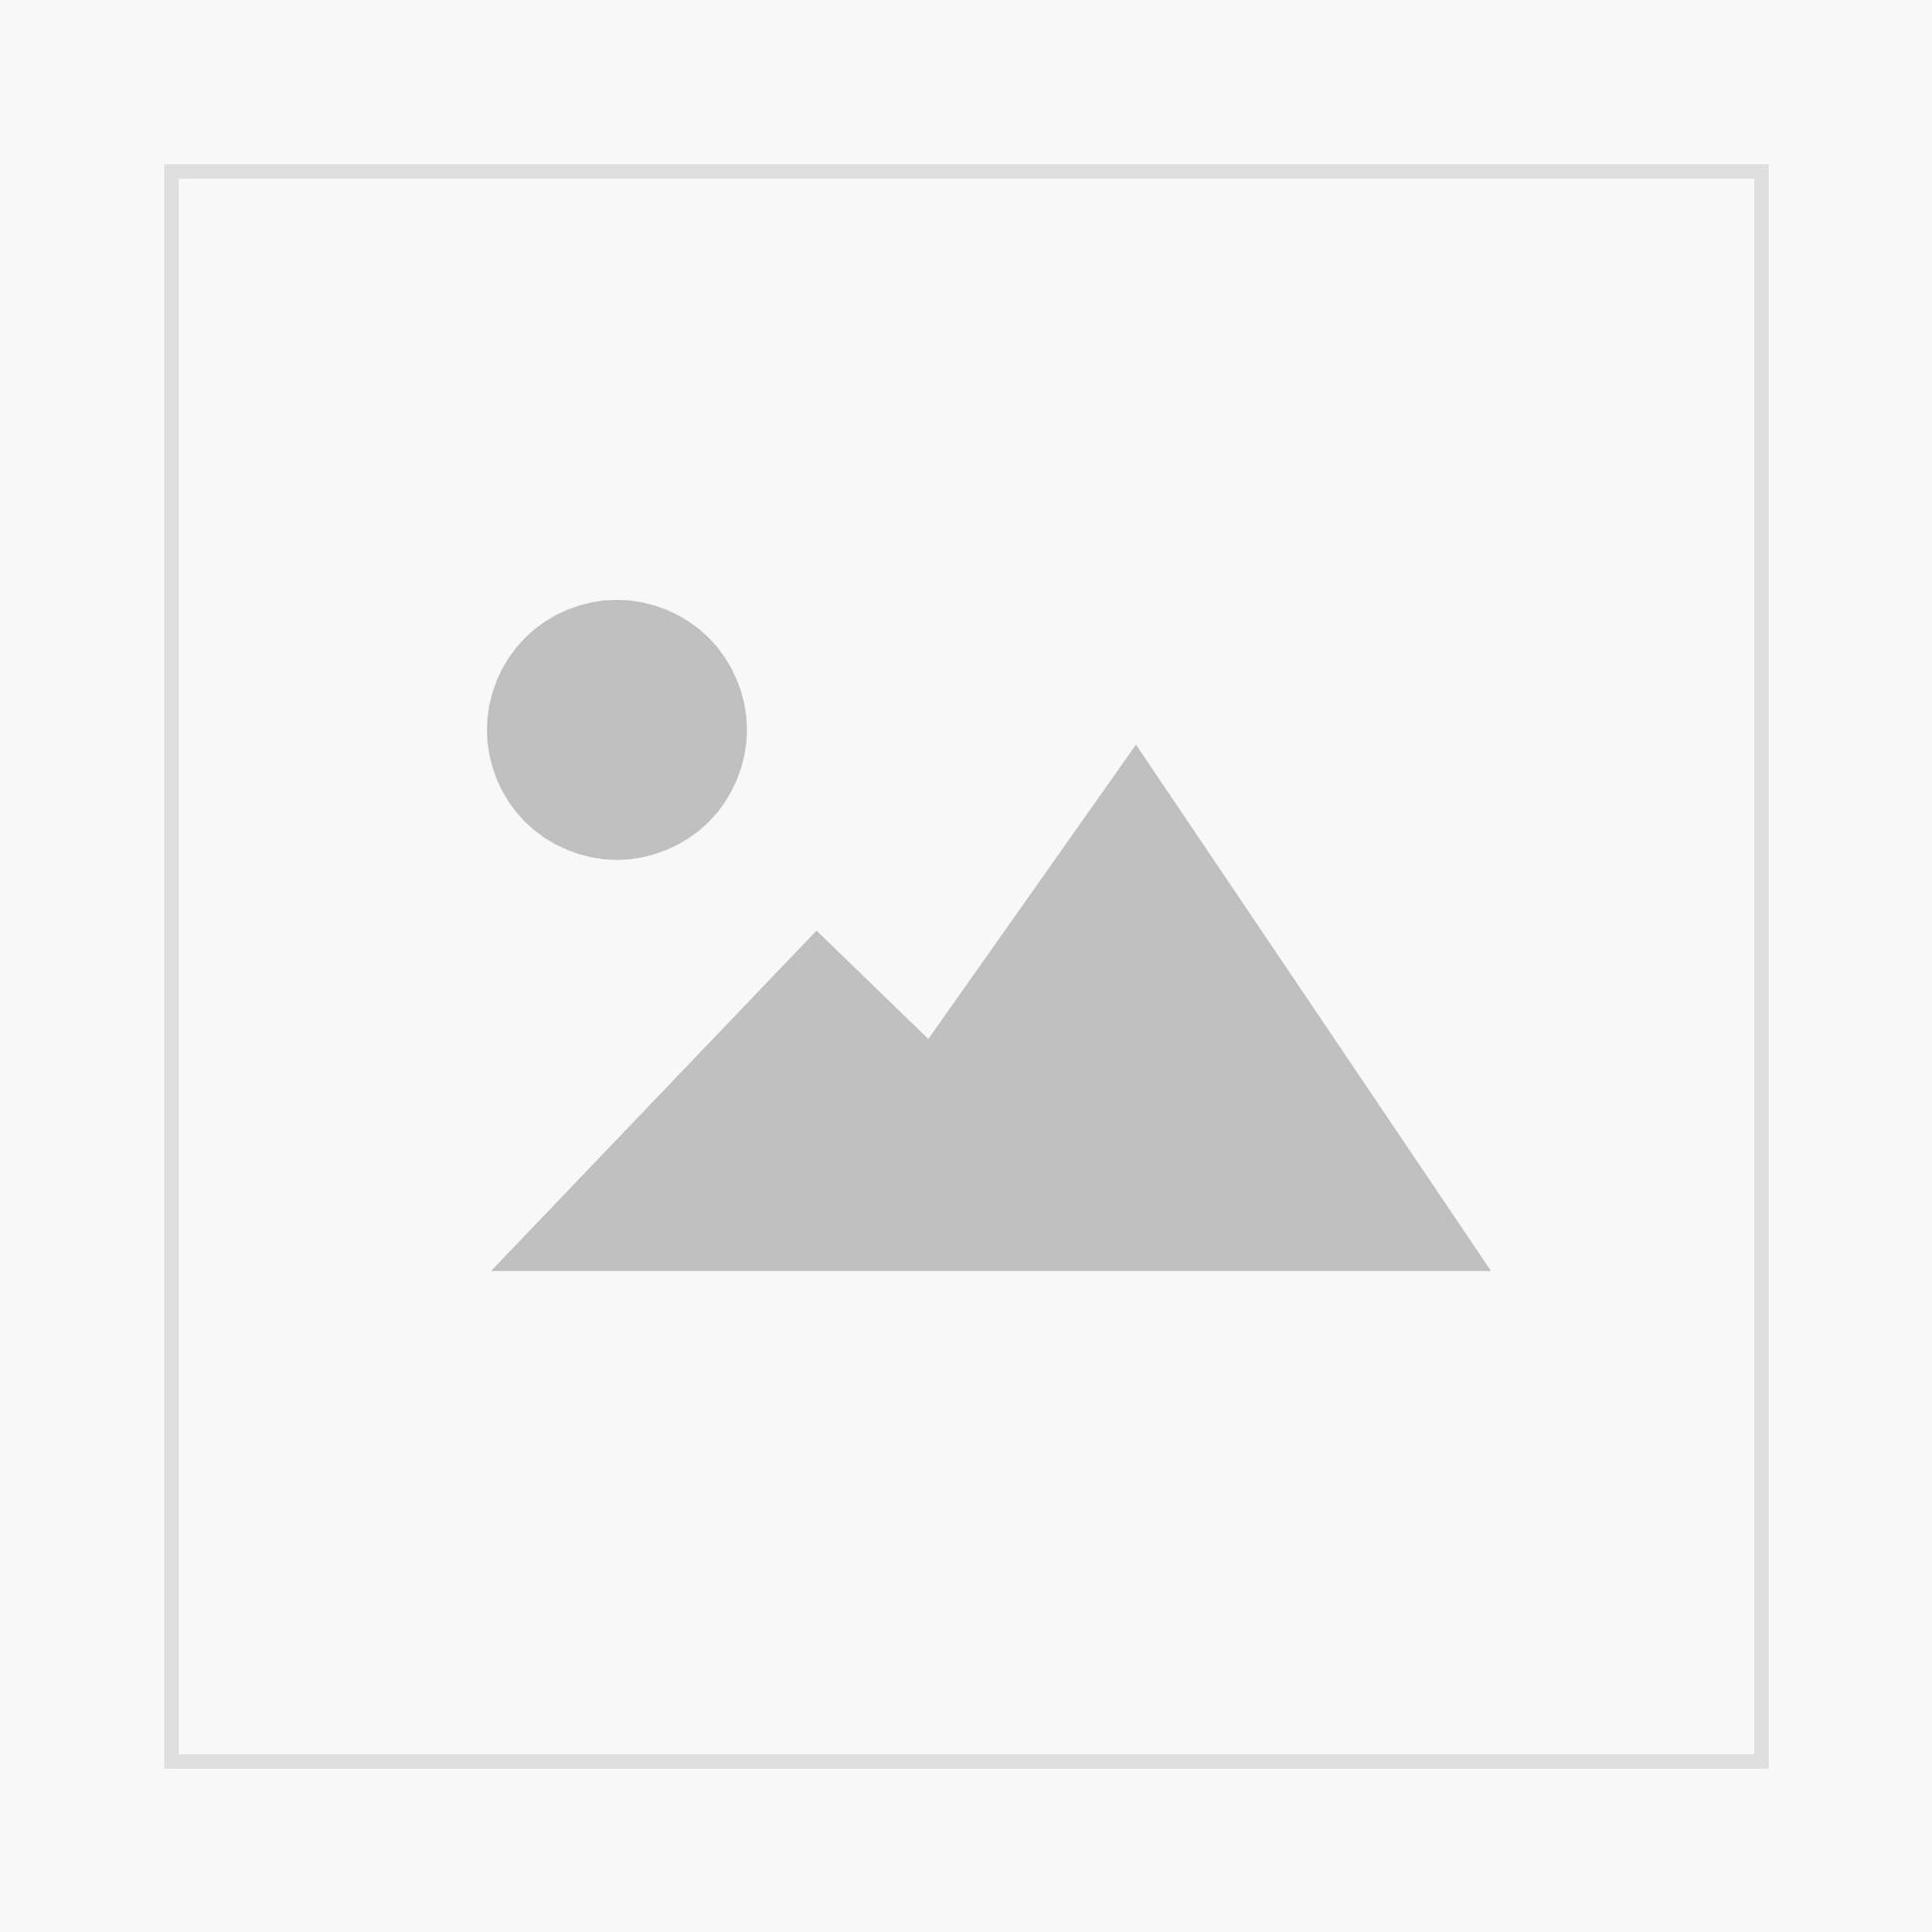 hygge 13 (04/2019)